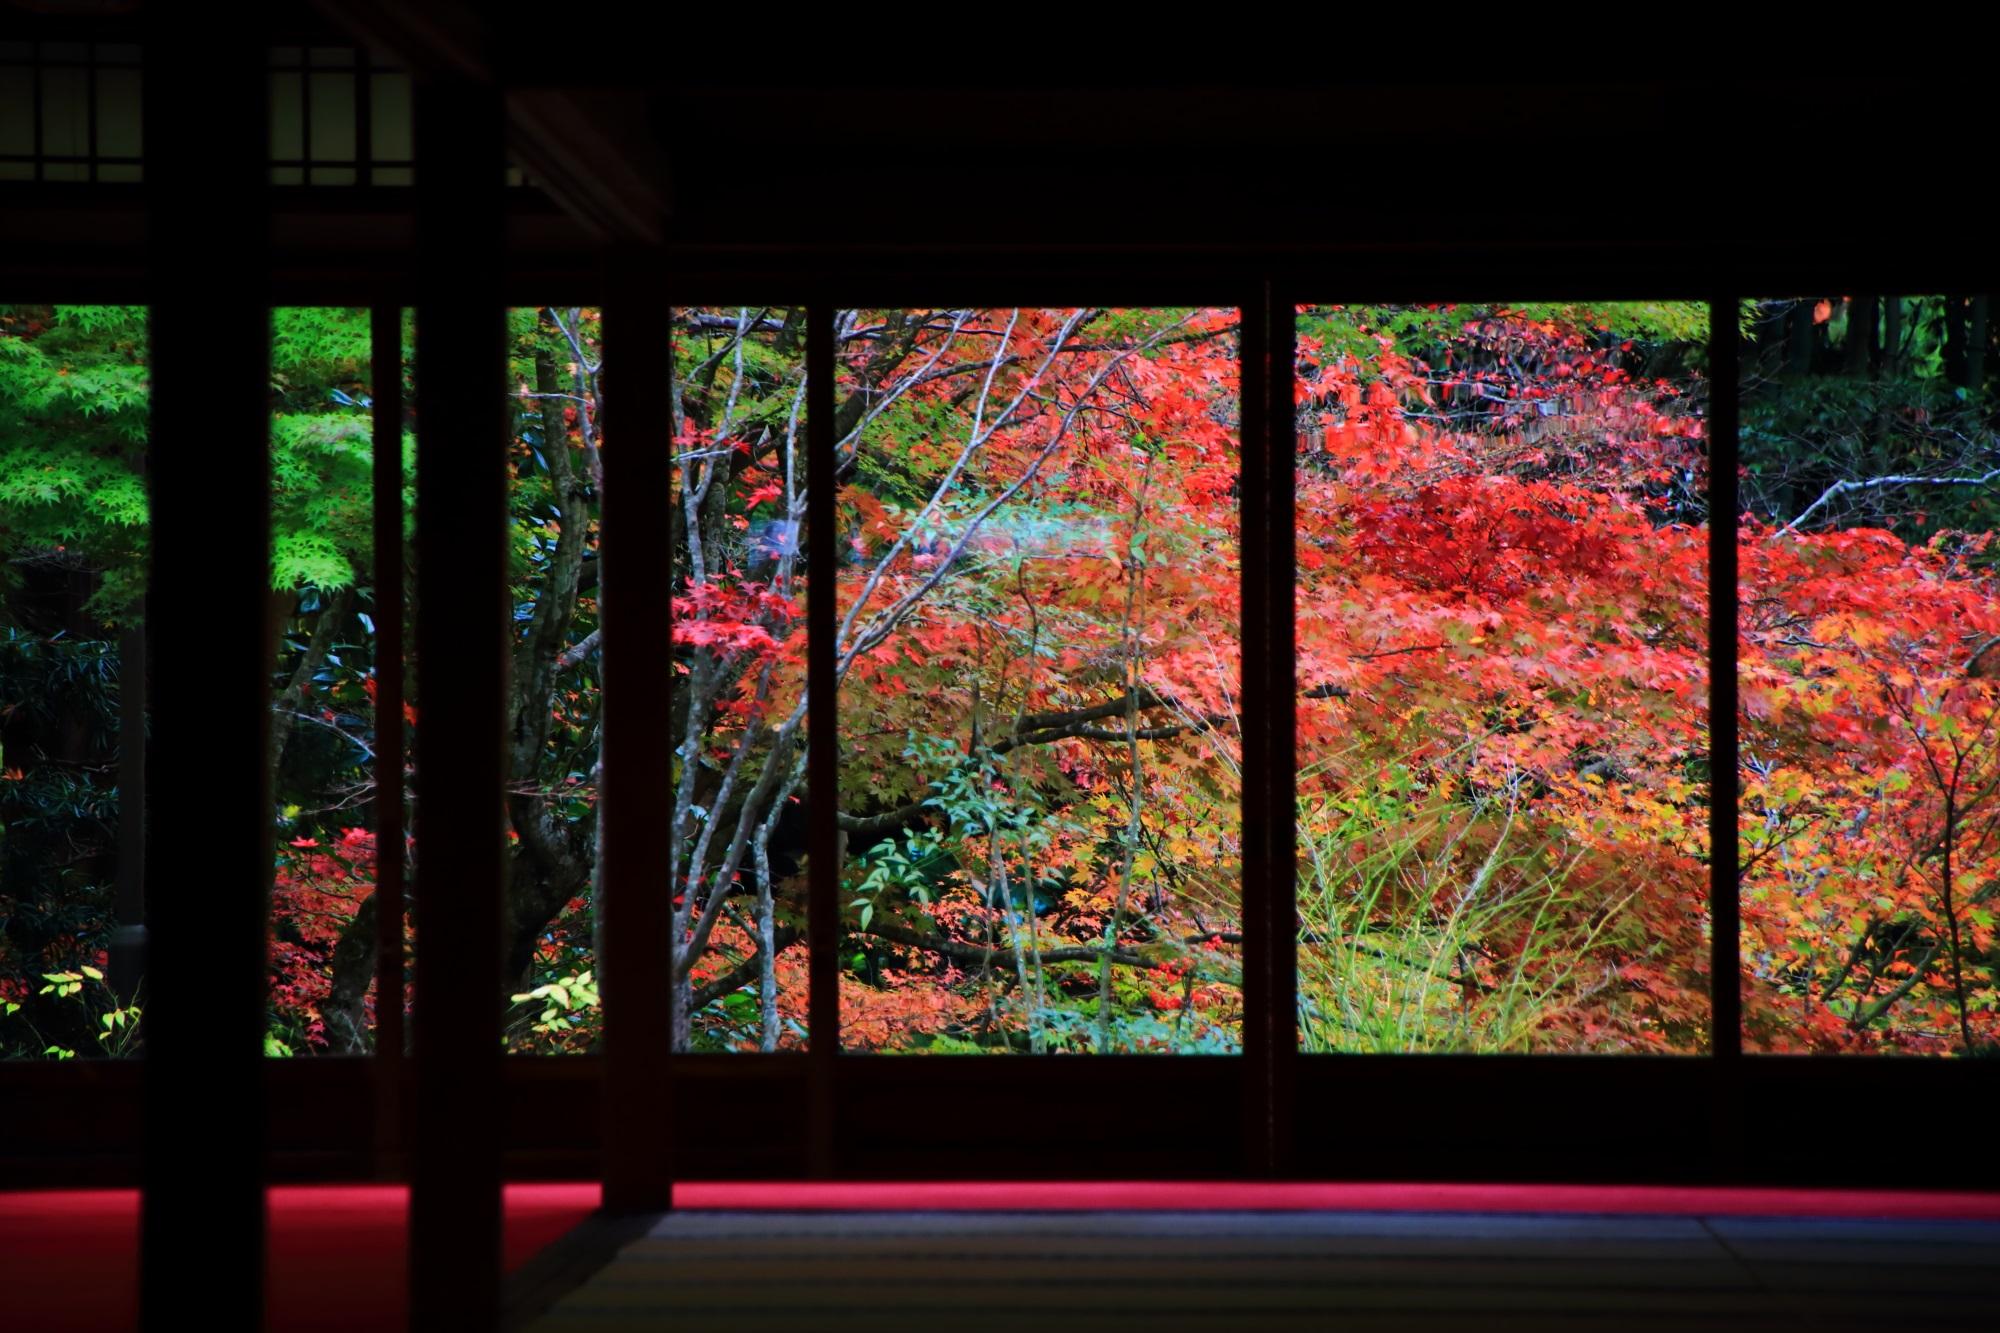 書院のガラス戸の向こうで華やぐ多彩な秋